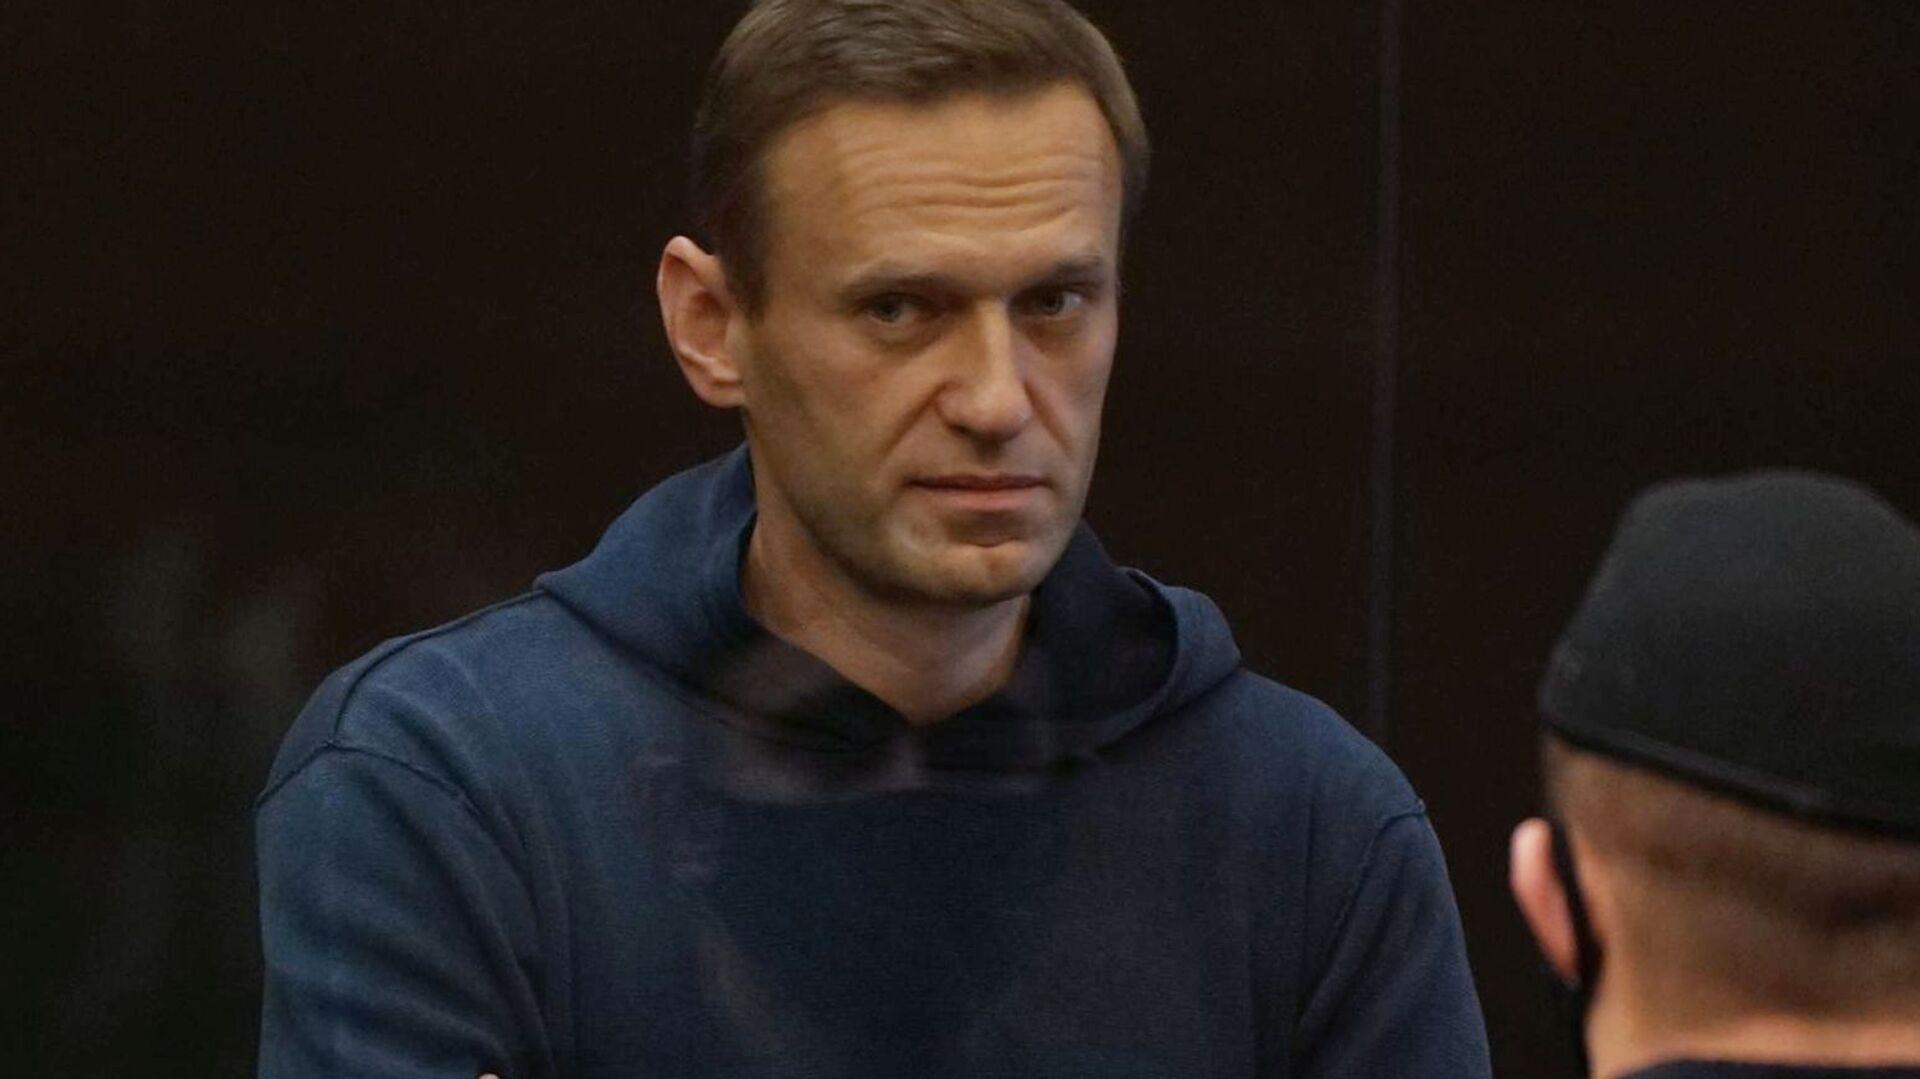 Alexej Navalnyj na zasedání Moskevského městského soudu - Sputnik Česká republika, 1920, 15.02.2021